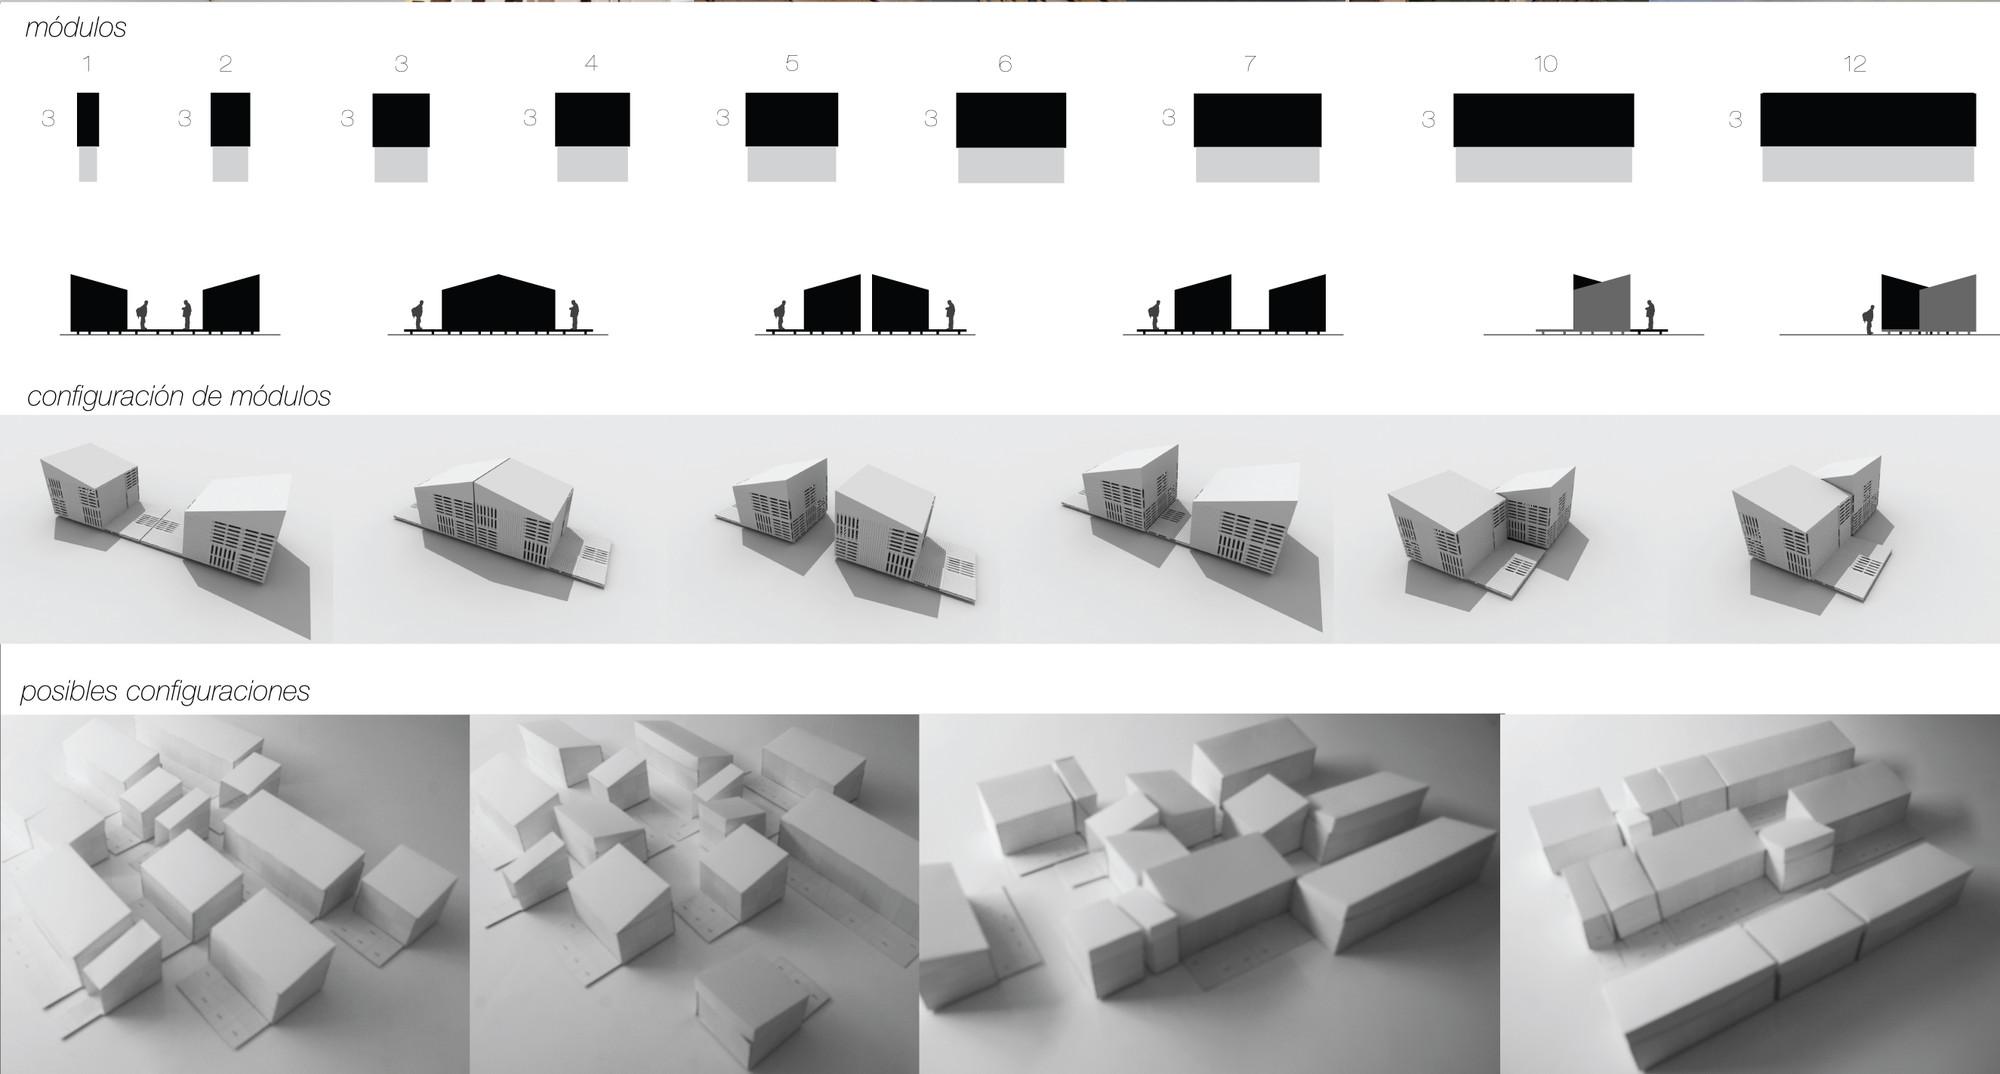 Módulos y configuraciones. Image Courtesy of AS/D